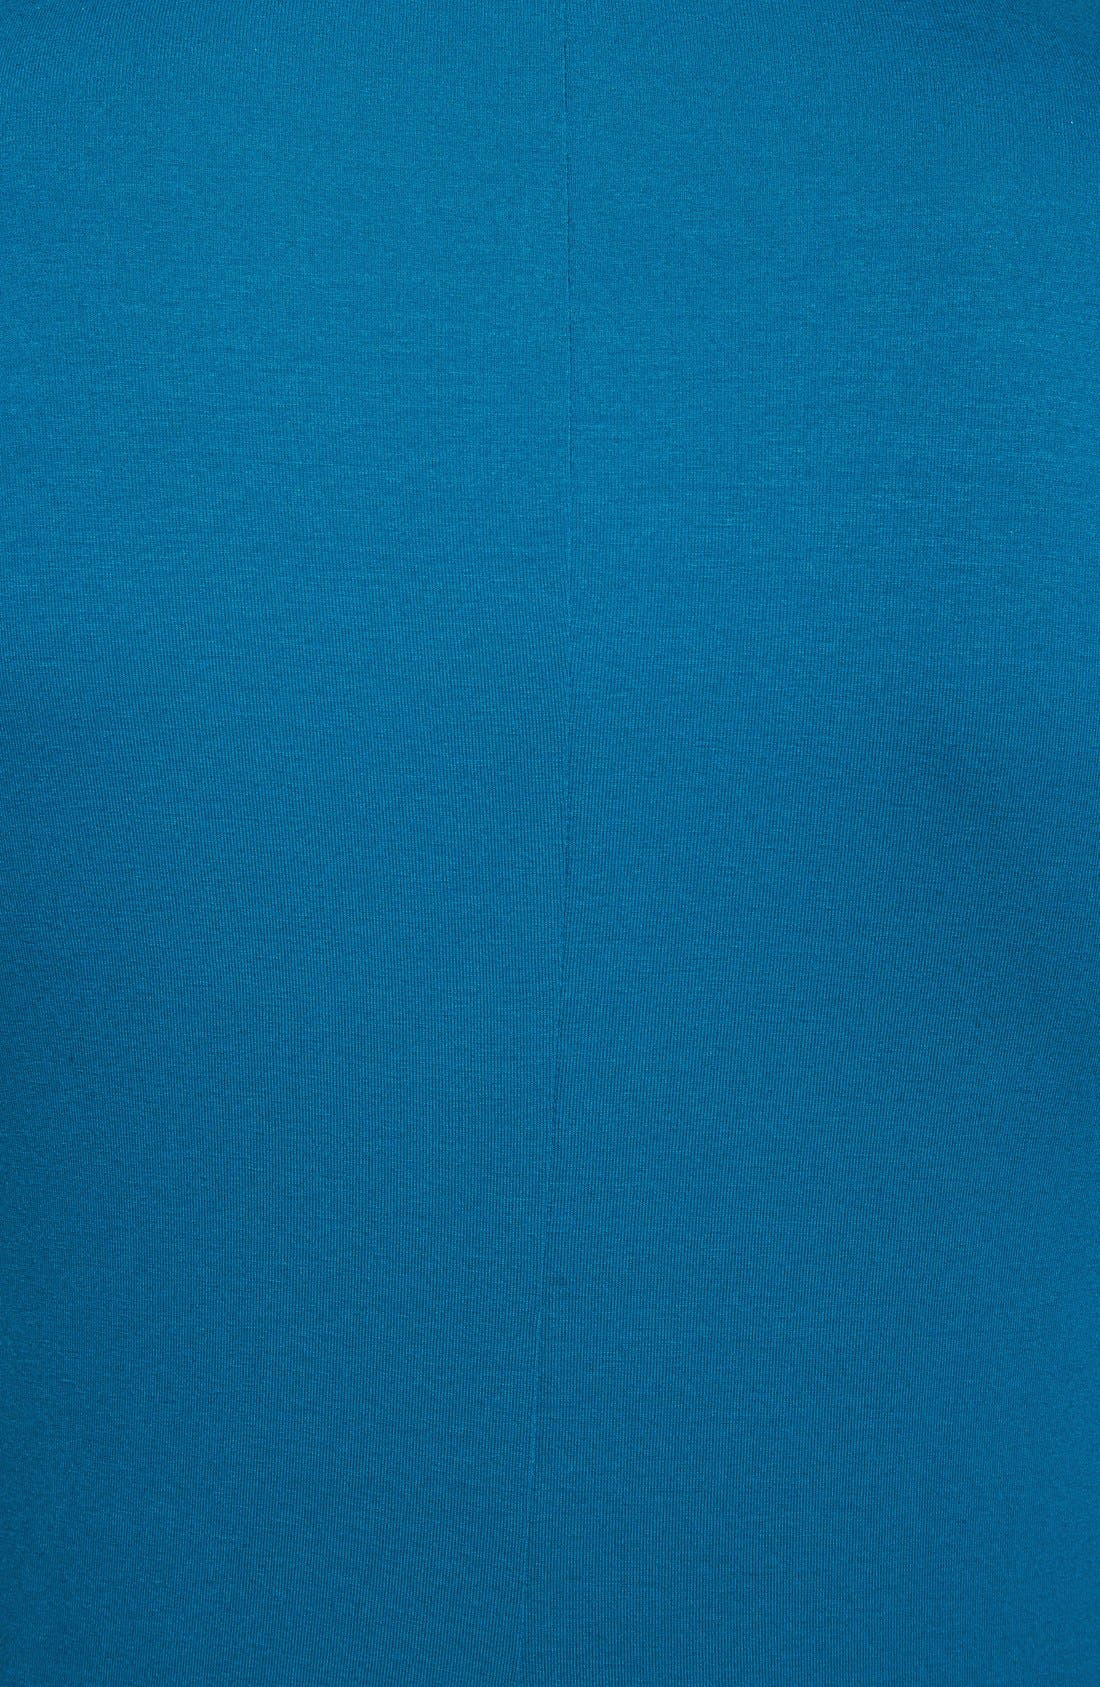 Alternate Image 3  - Eileen Fisher Drapey V-Neck Dress (Regular & Petite)